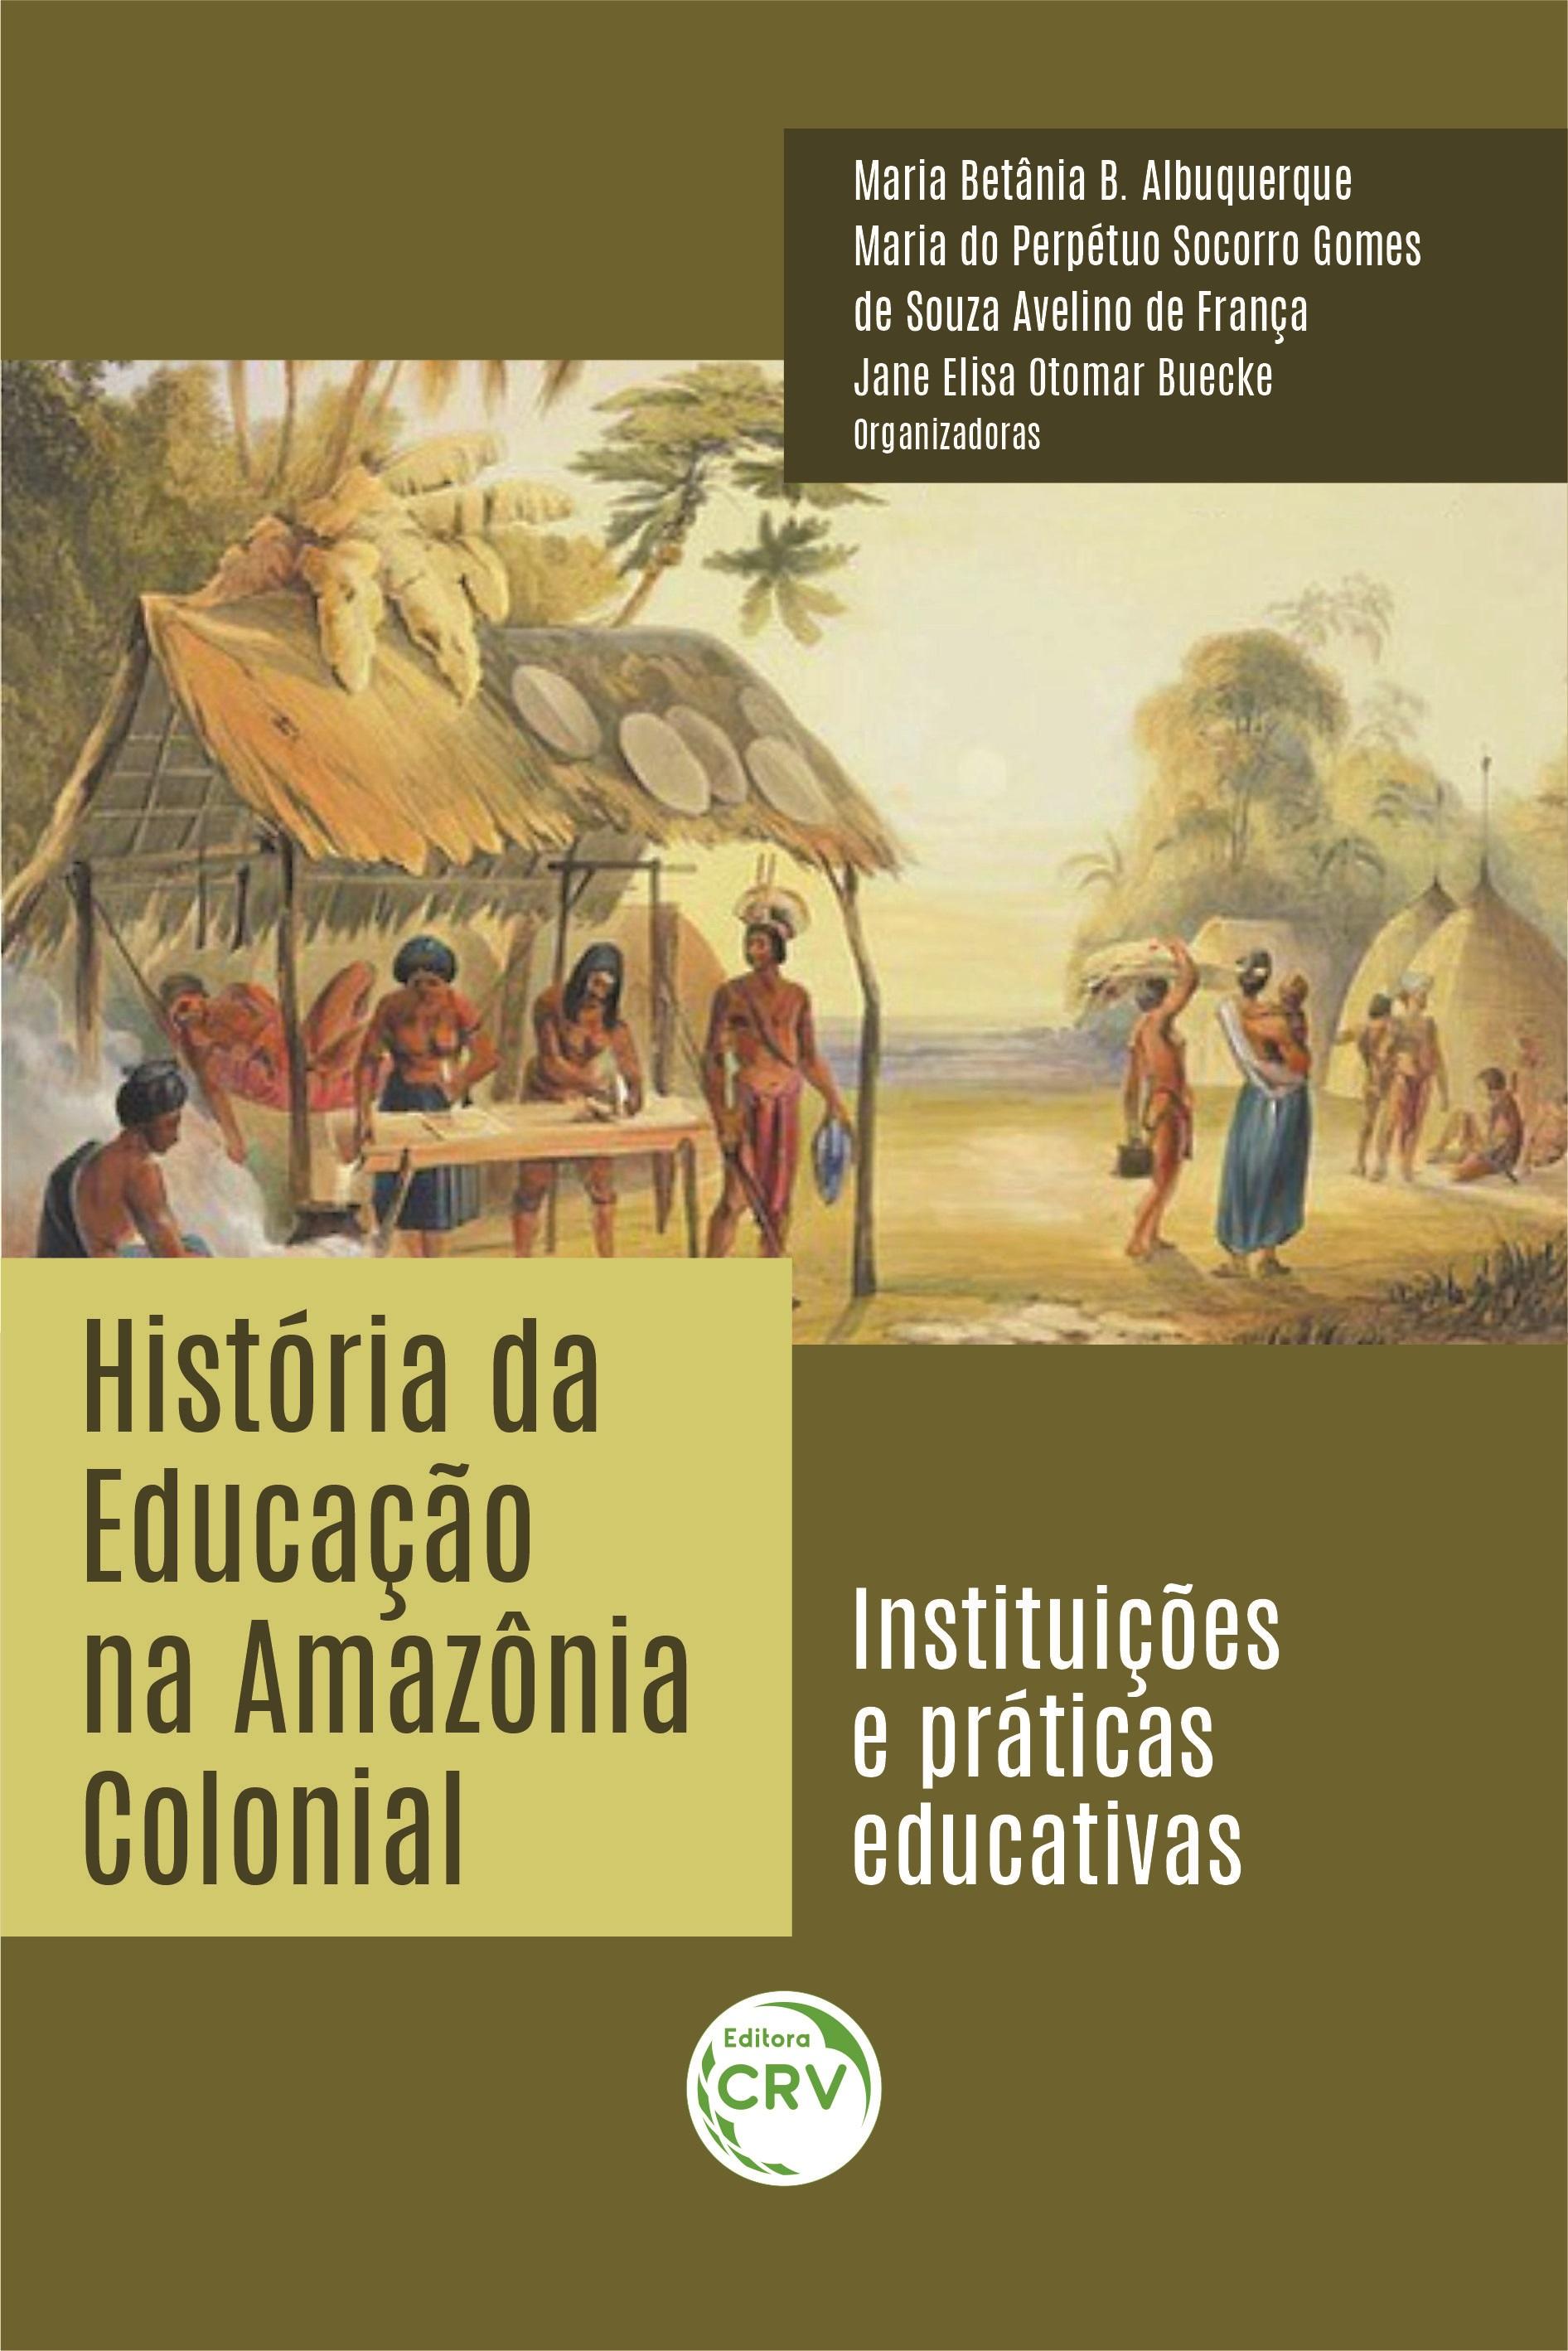 Capa do livro: HISTÓRIA DA EDUCAÇÃO NA AMAZÔNIA COLONIAL:<br> instituições e práticas educativas